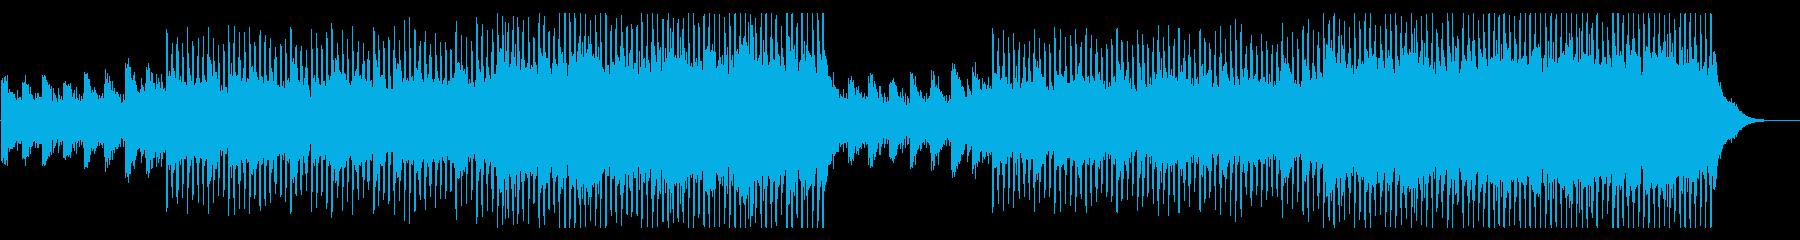 雄大で高揚感のあるBGM/コーポレートの再生済みの波形